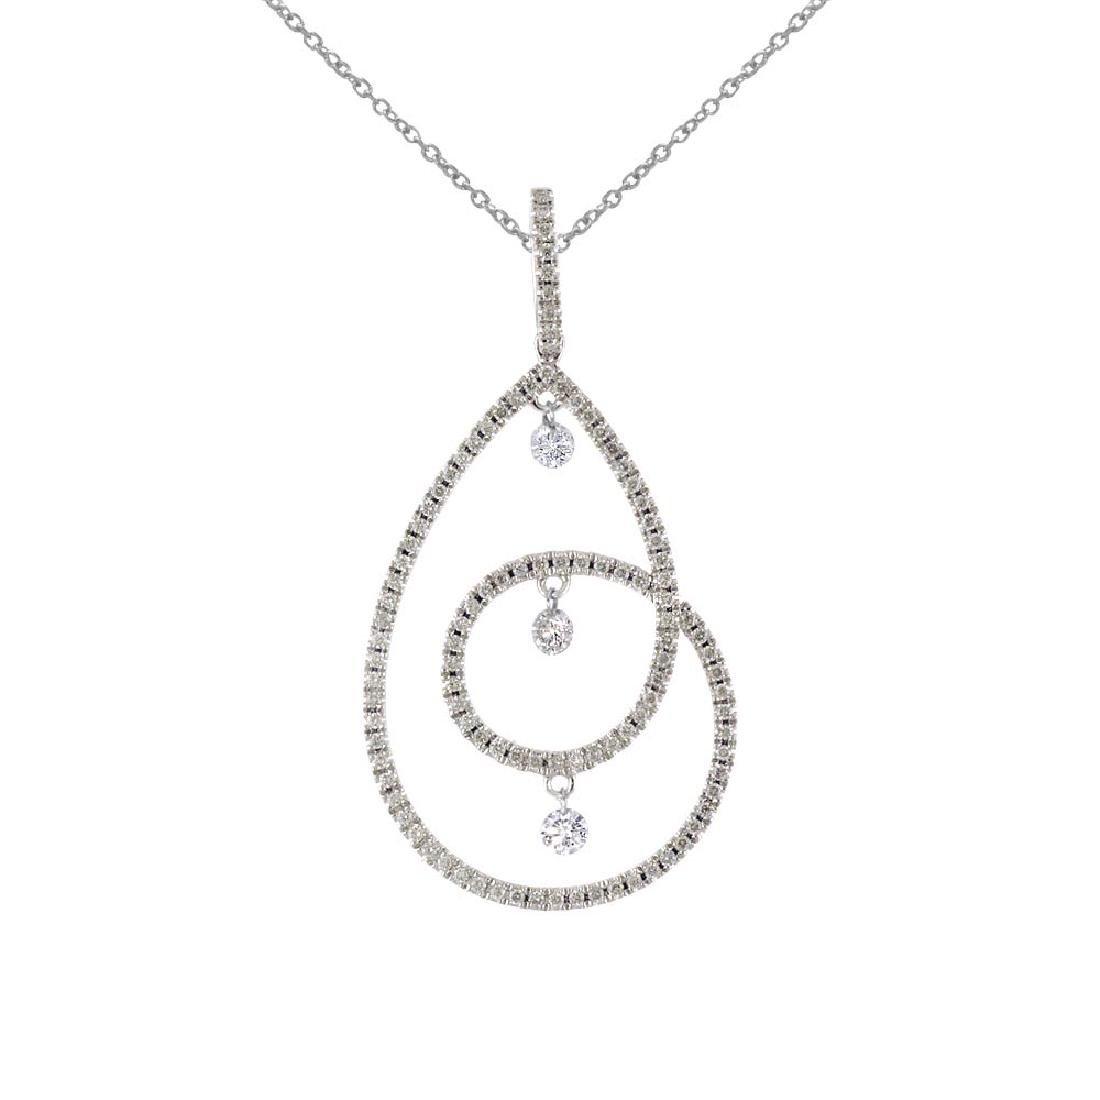 Certified 14K White Gold Dashing Diamonds Pendant 0.67